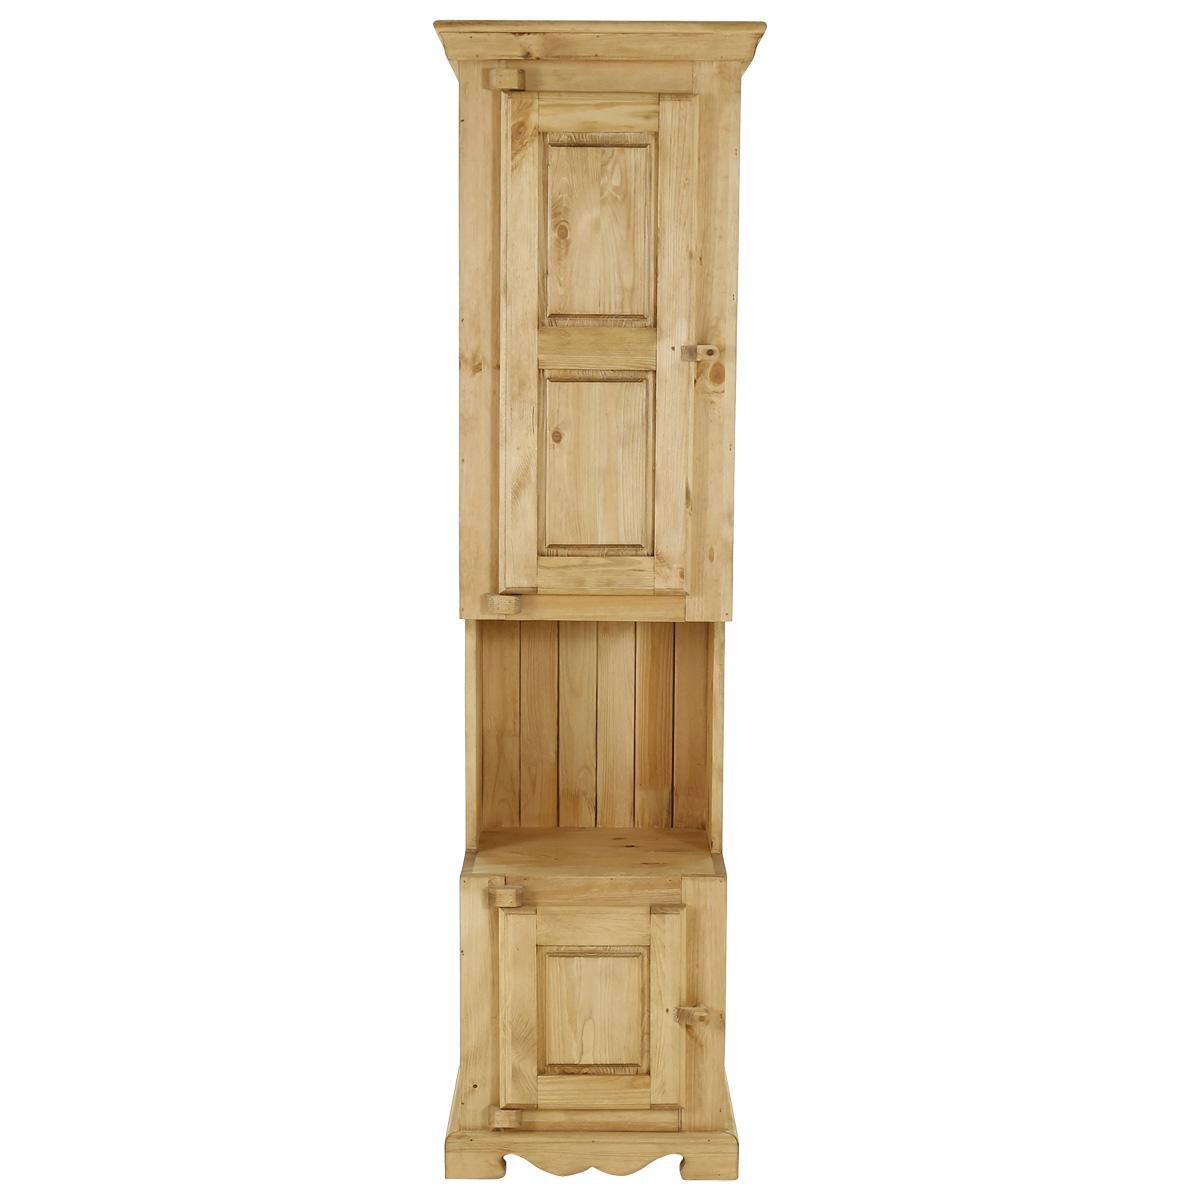 Colonne rustique en pin massif 2 portes + 1 niche ouverture gauche